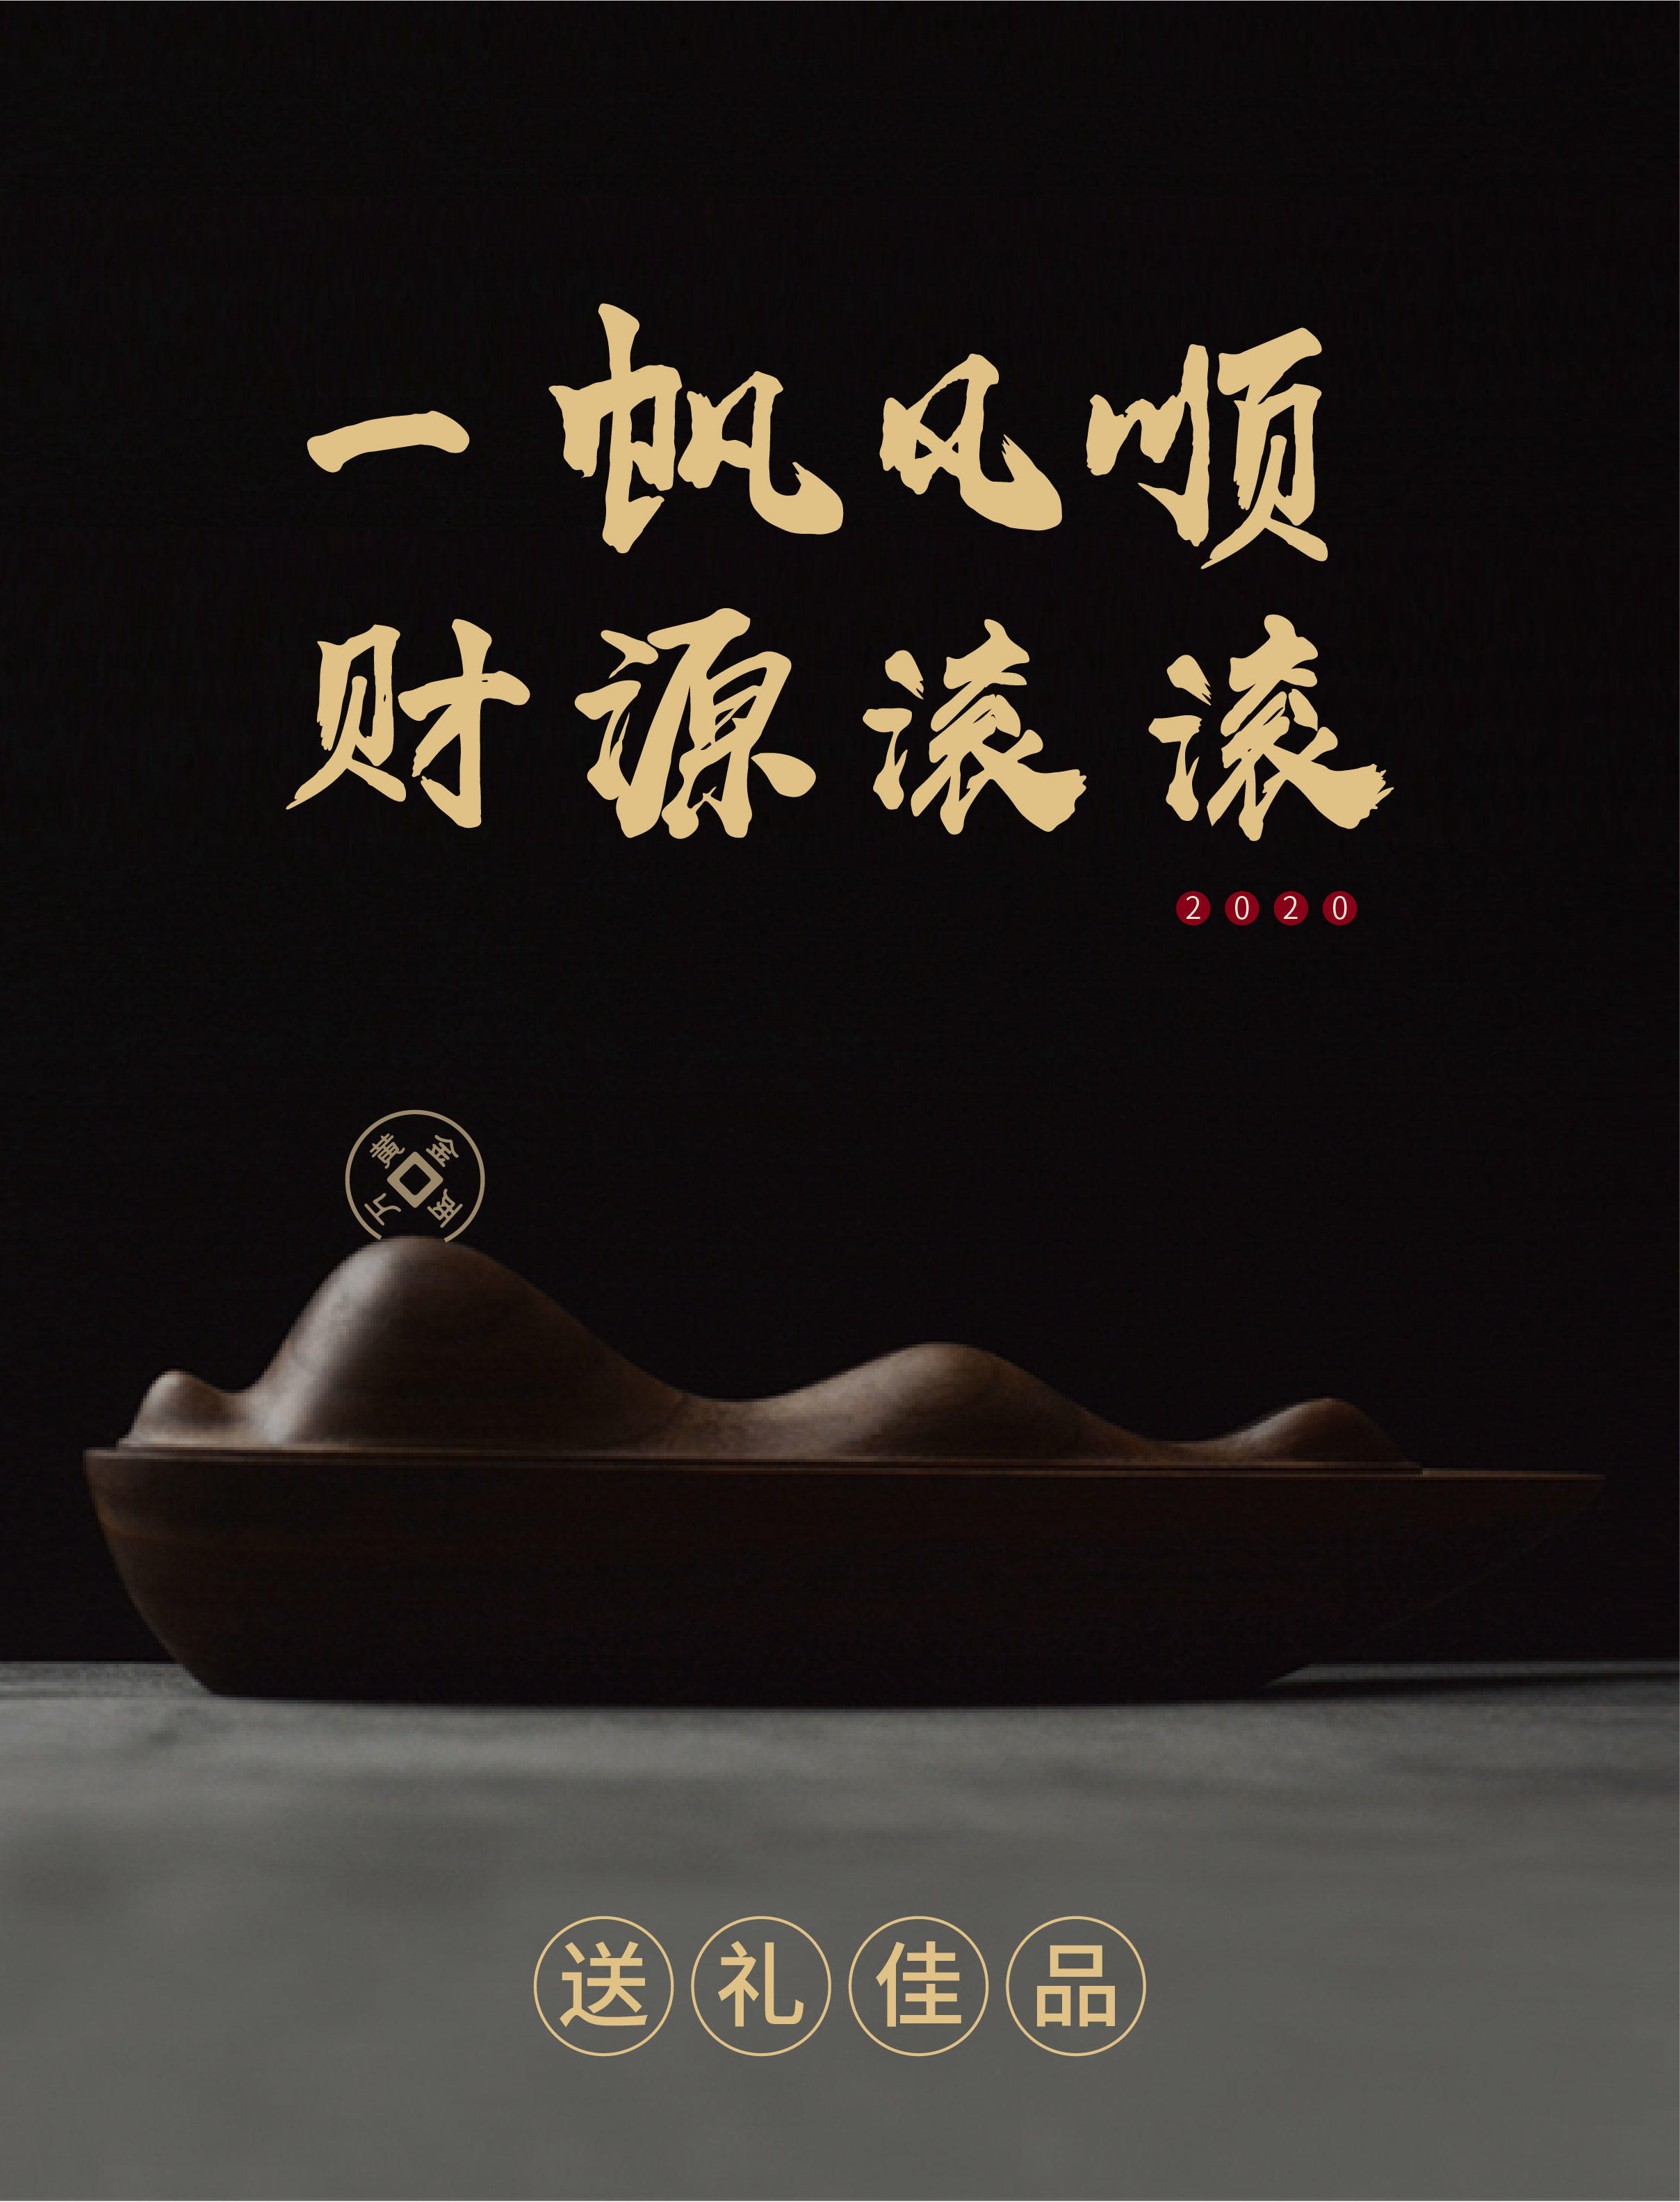 游山详情页面-03.jpg